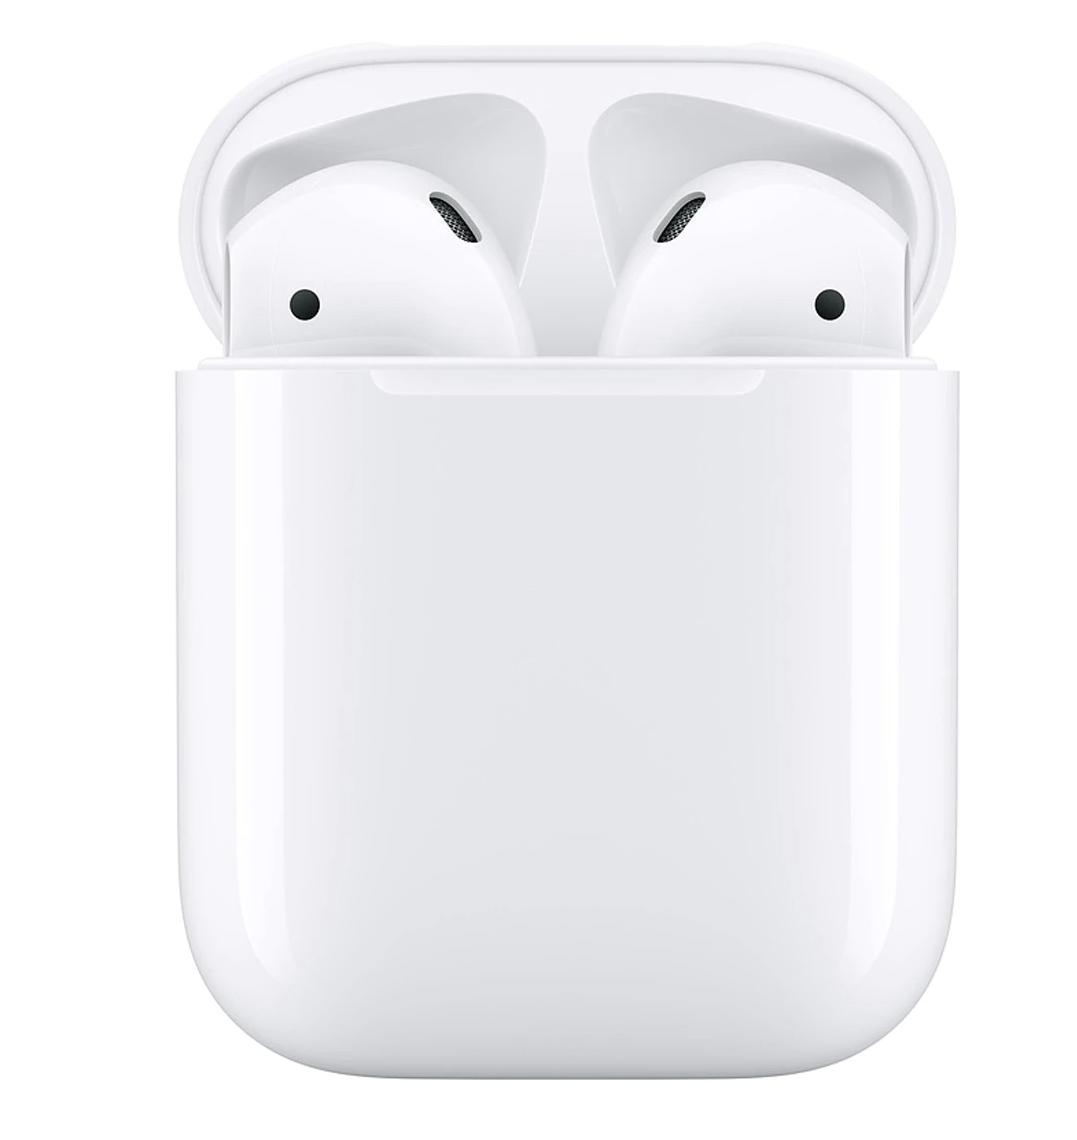 Auriculares de botón Apple AirPods 2ª Generación con estuche de carga